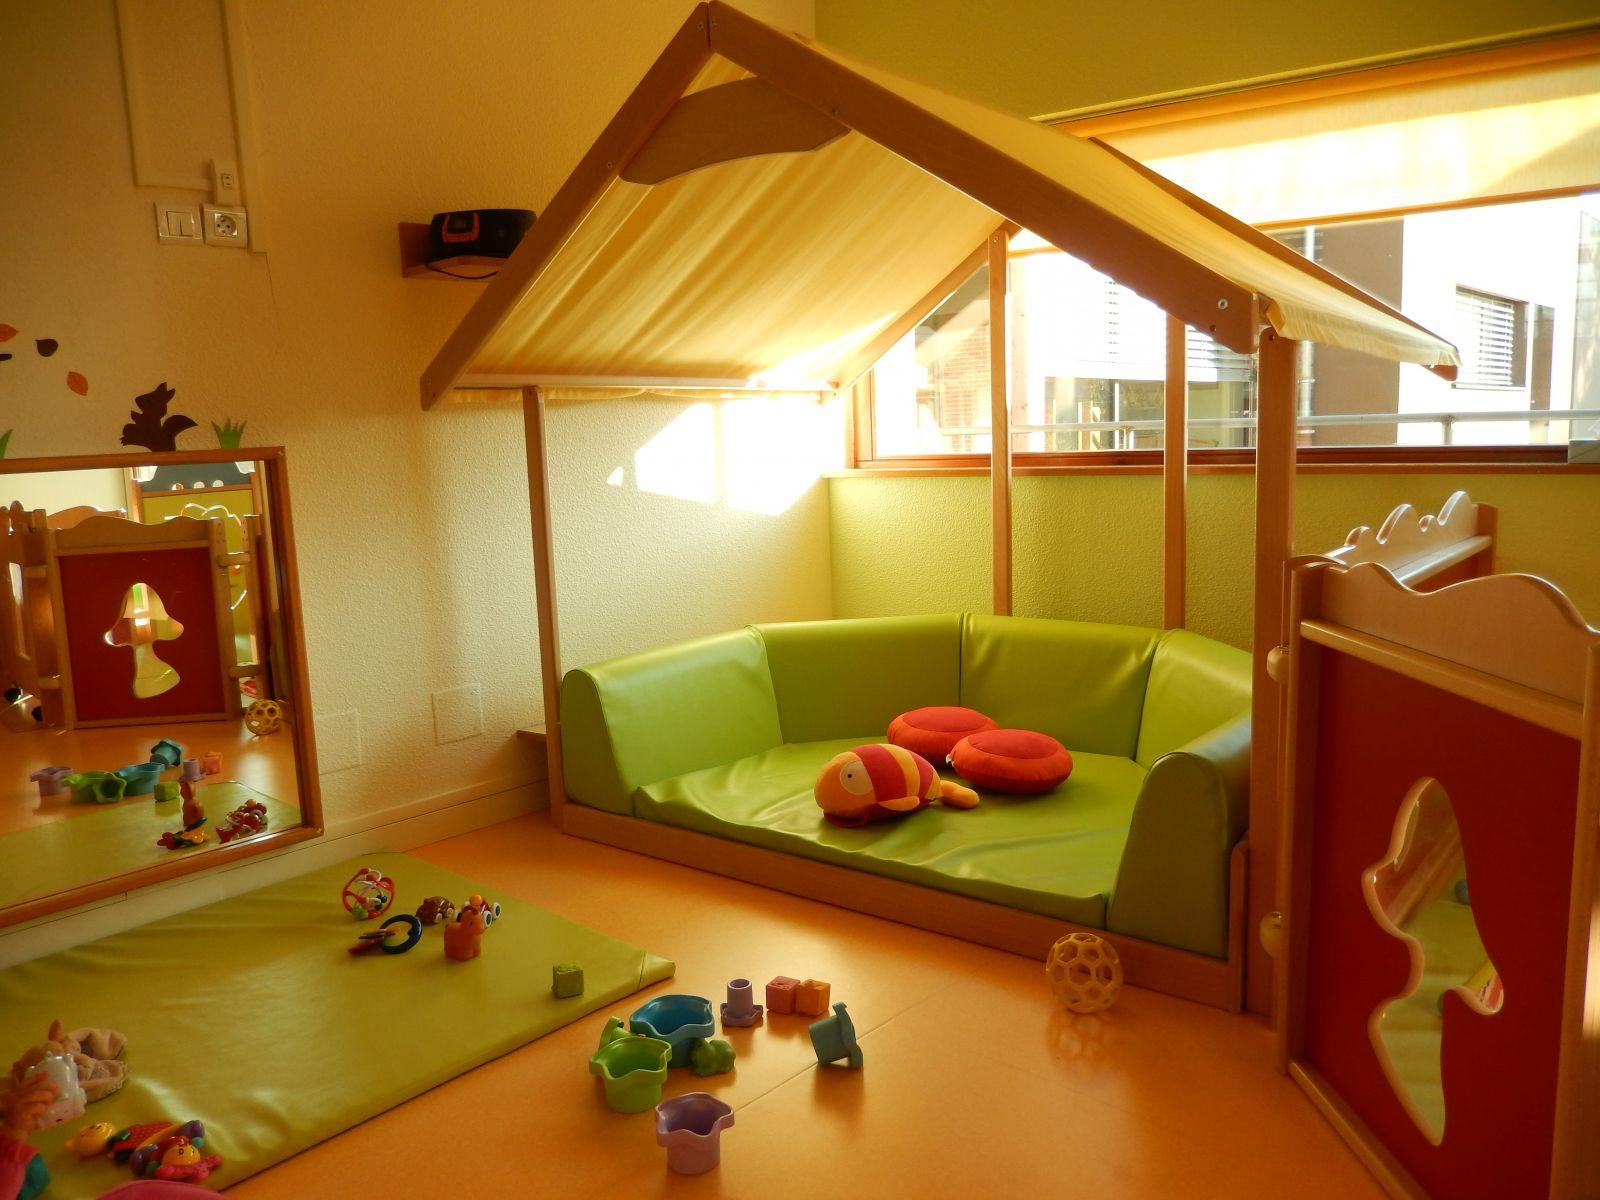 1 salle de jeux b b s 2 espace de jeux moyens 3 espace lecture grands. Black Bedroom Furniture Sets. Home Design Ideas